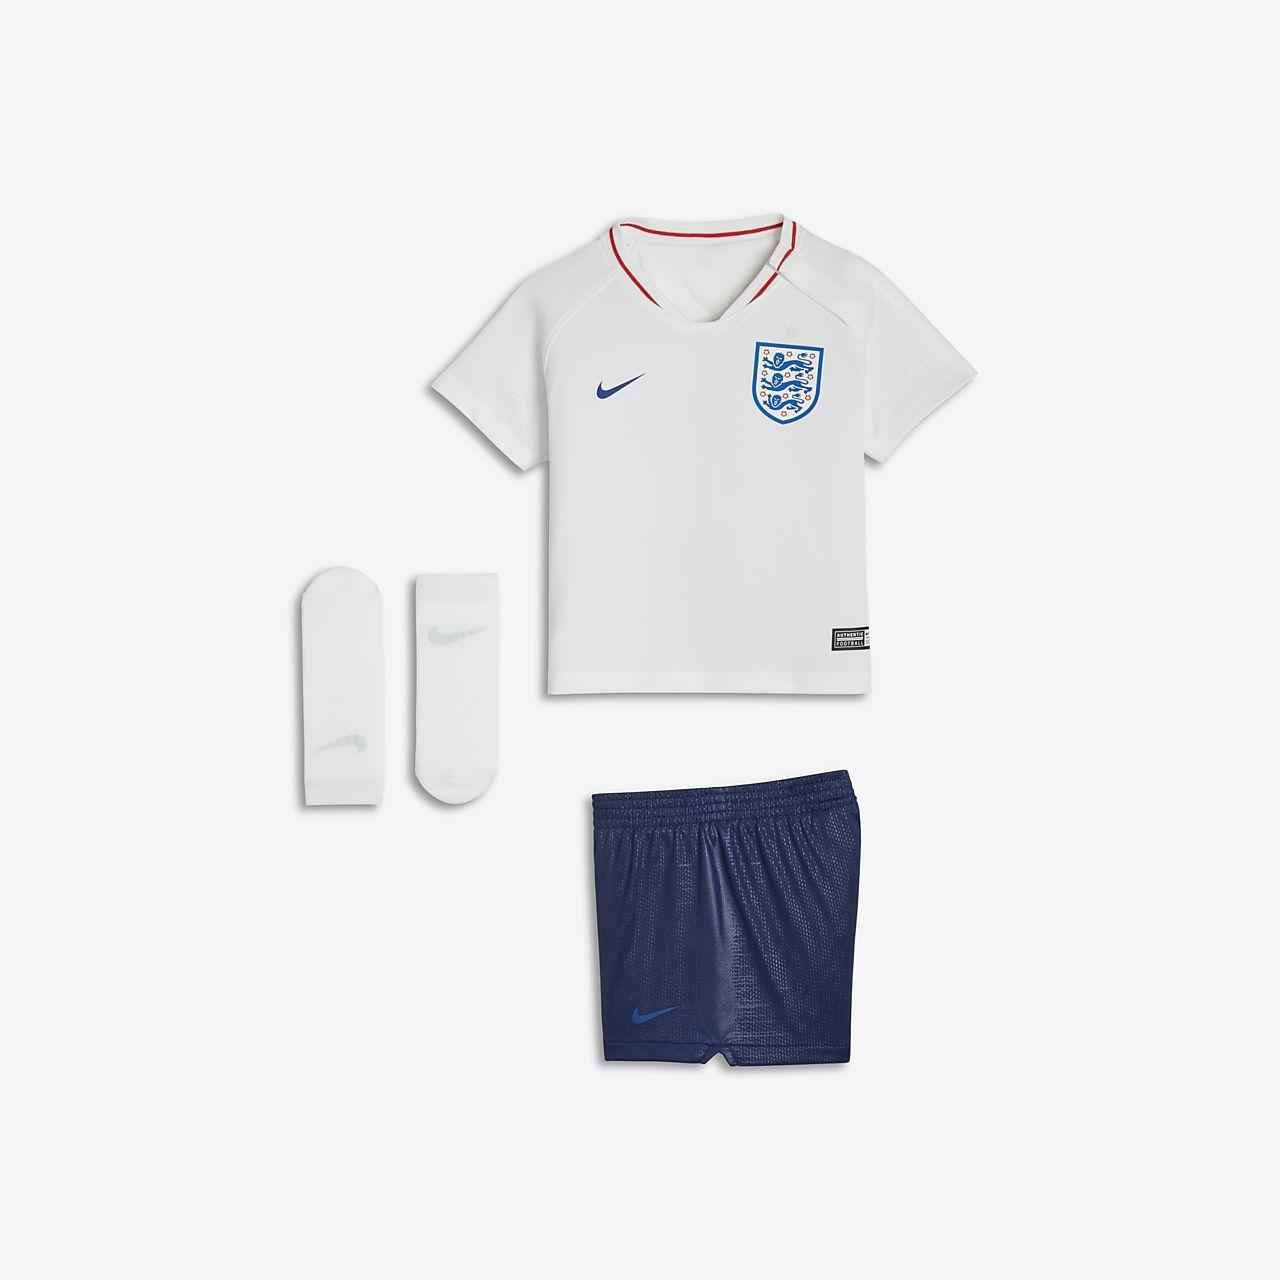 2018 England Stadium Home fotballdraktsett til sped-/småbarn